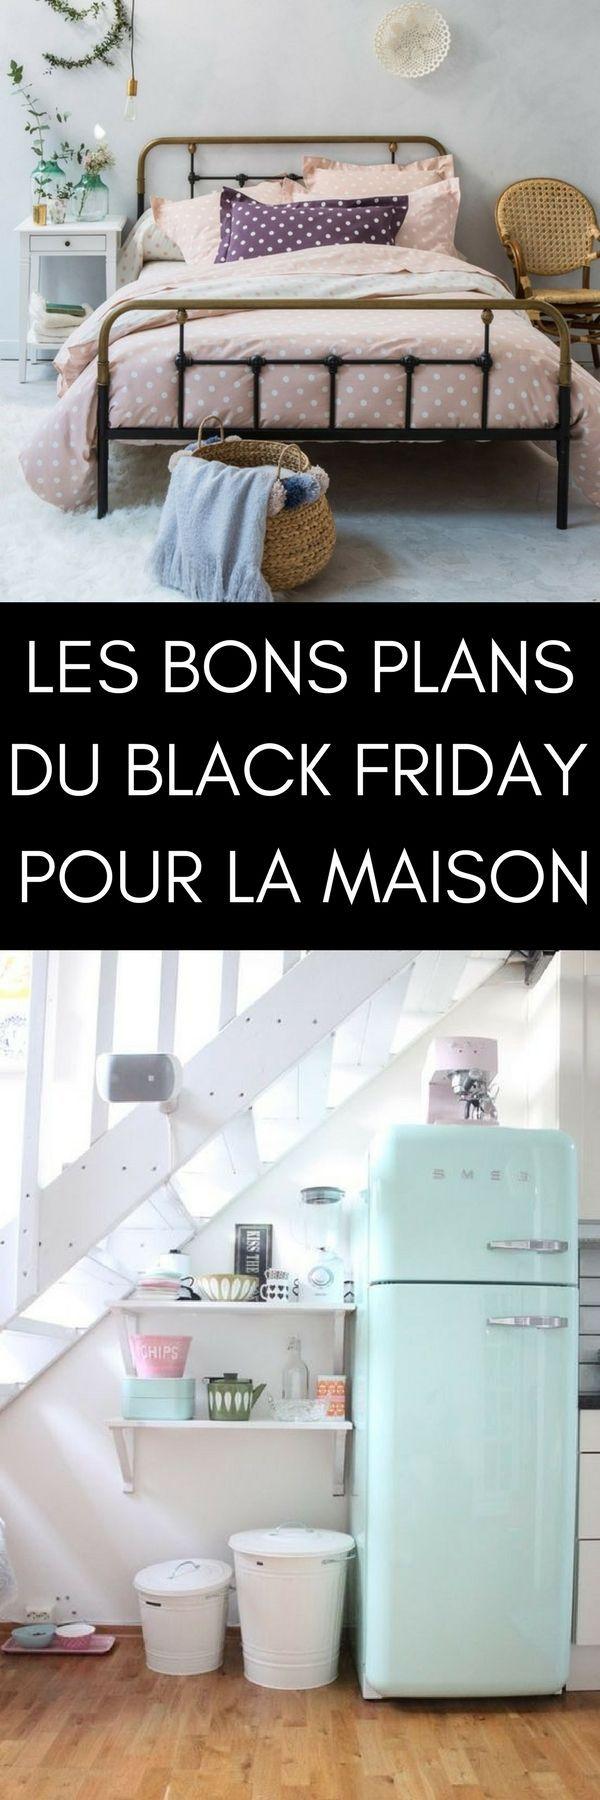 Die besten Angebote von Black Friday für Ihr Zuhause (Möbel, Sofa, Haushaltsgeräte, Dekor ...) -